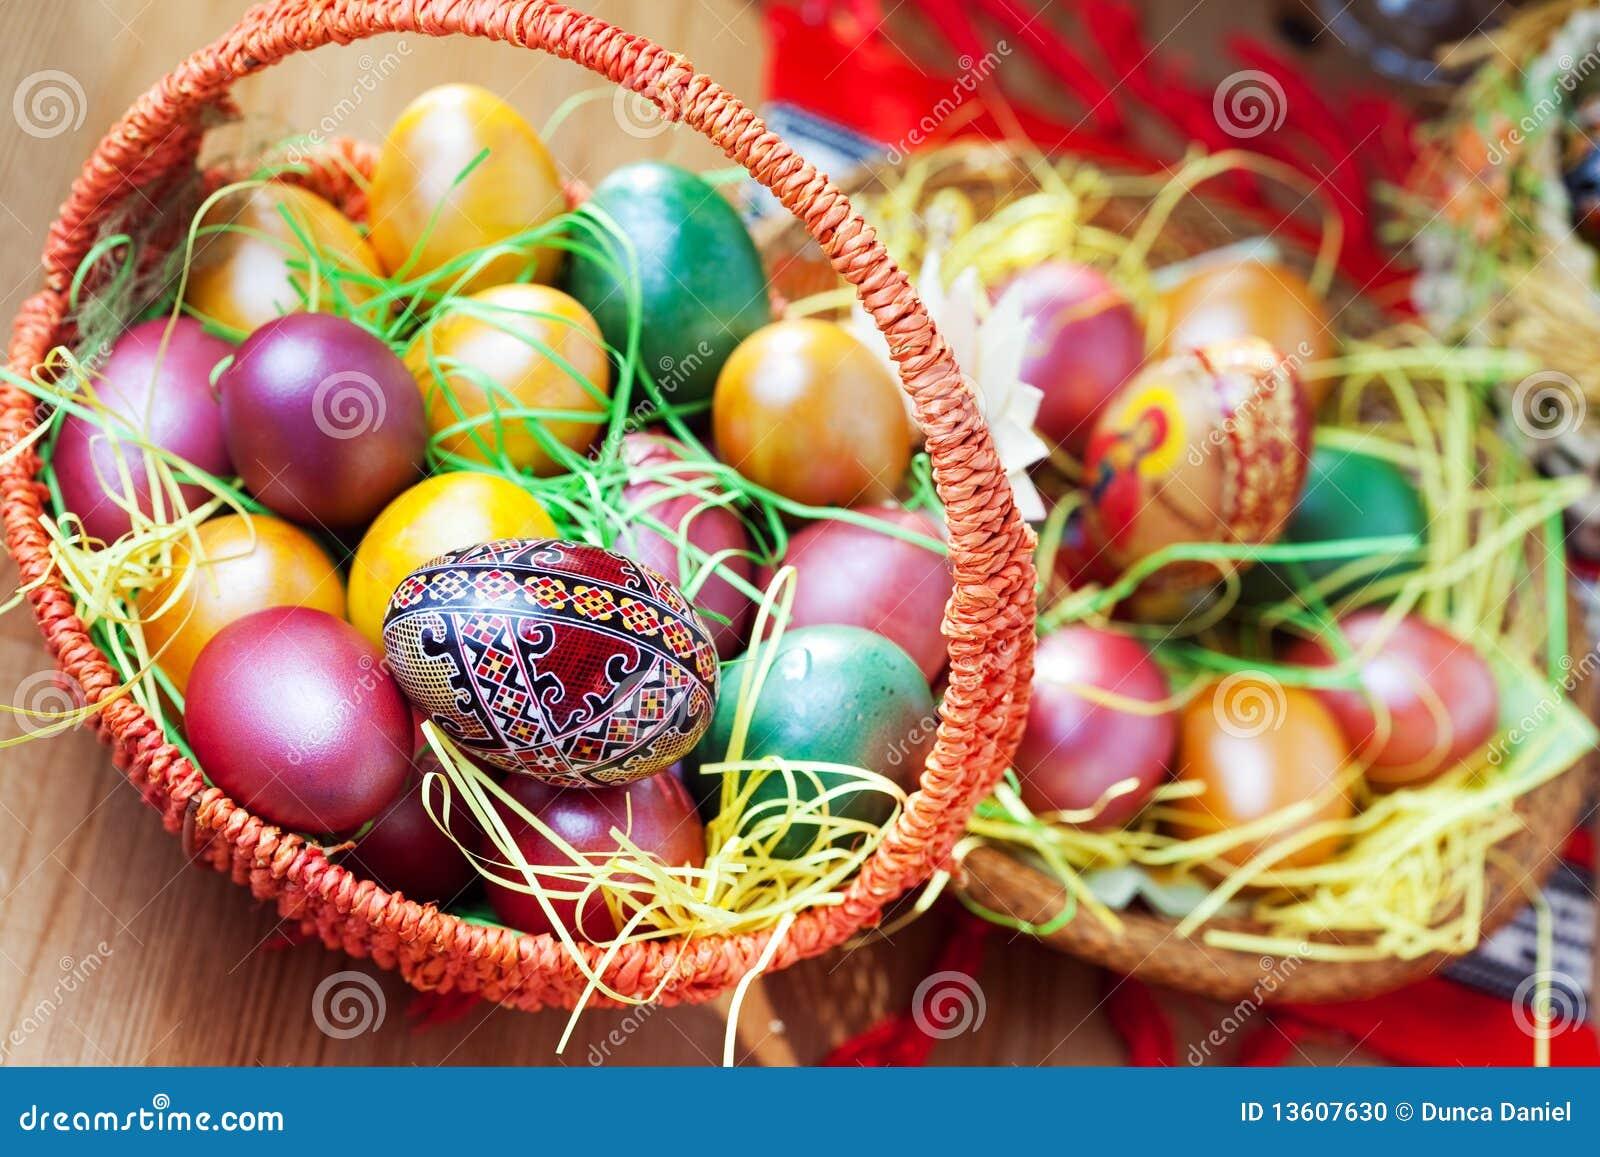 Рассказ наступила на яйцо 11 фотография